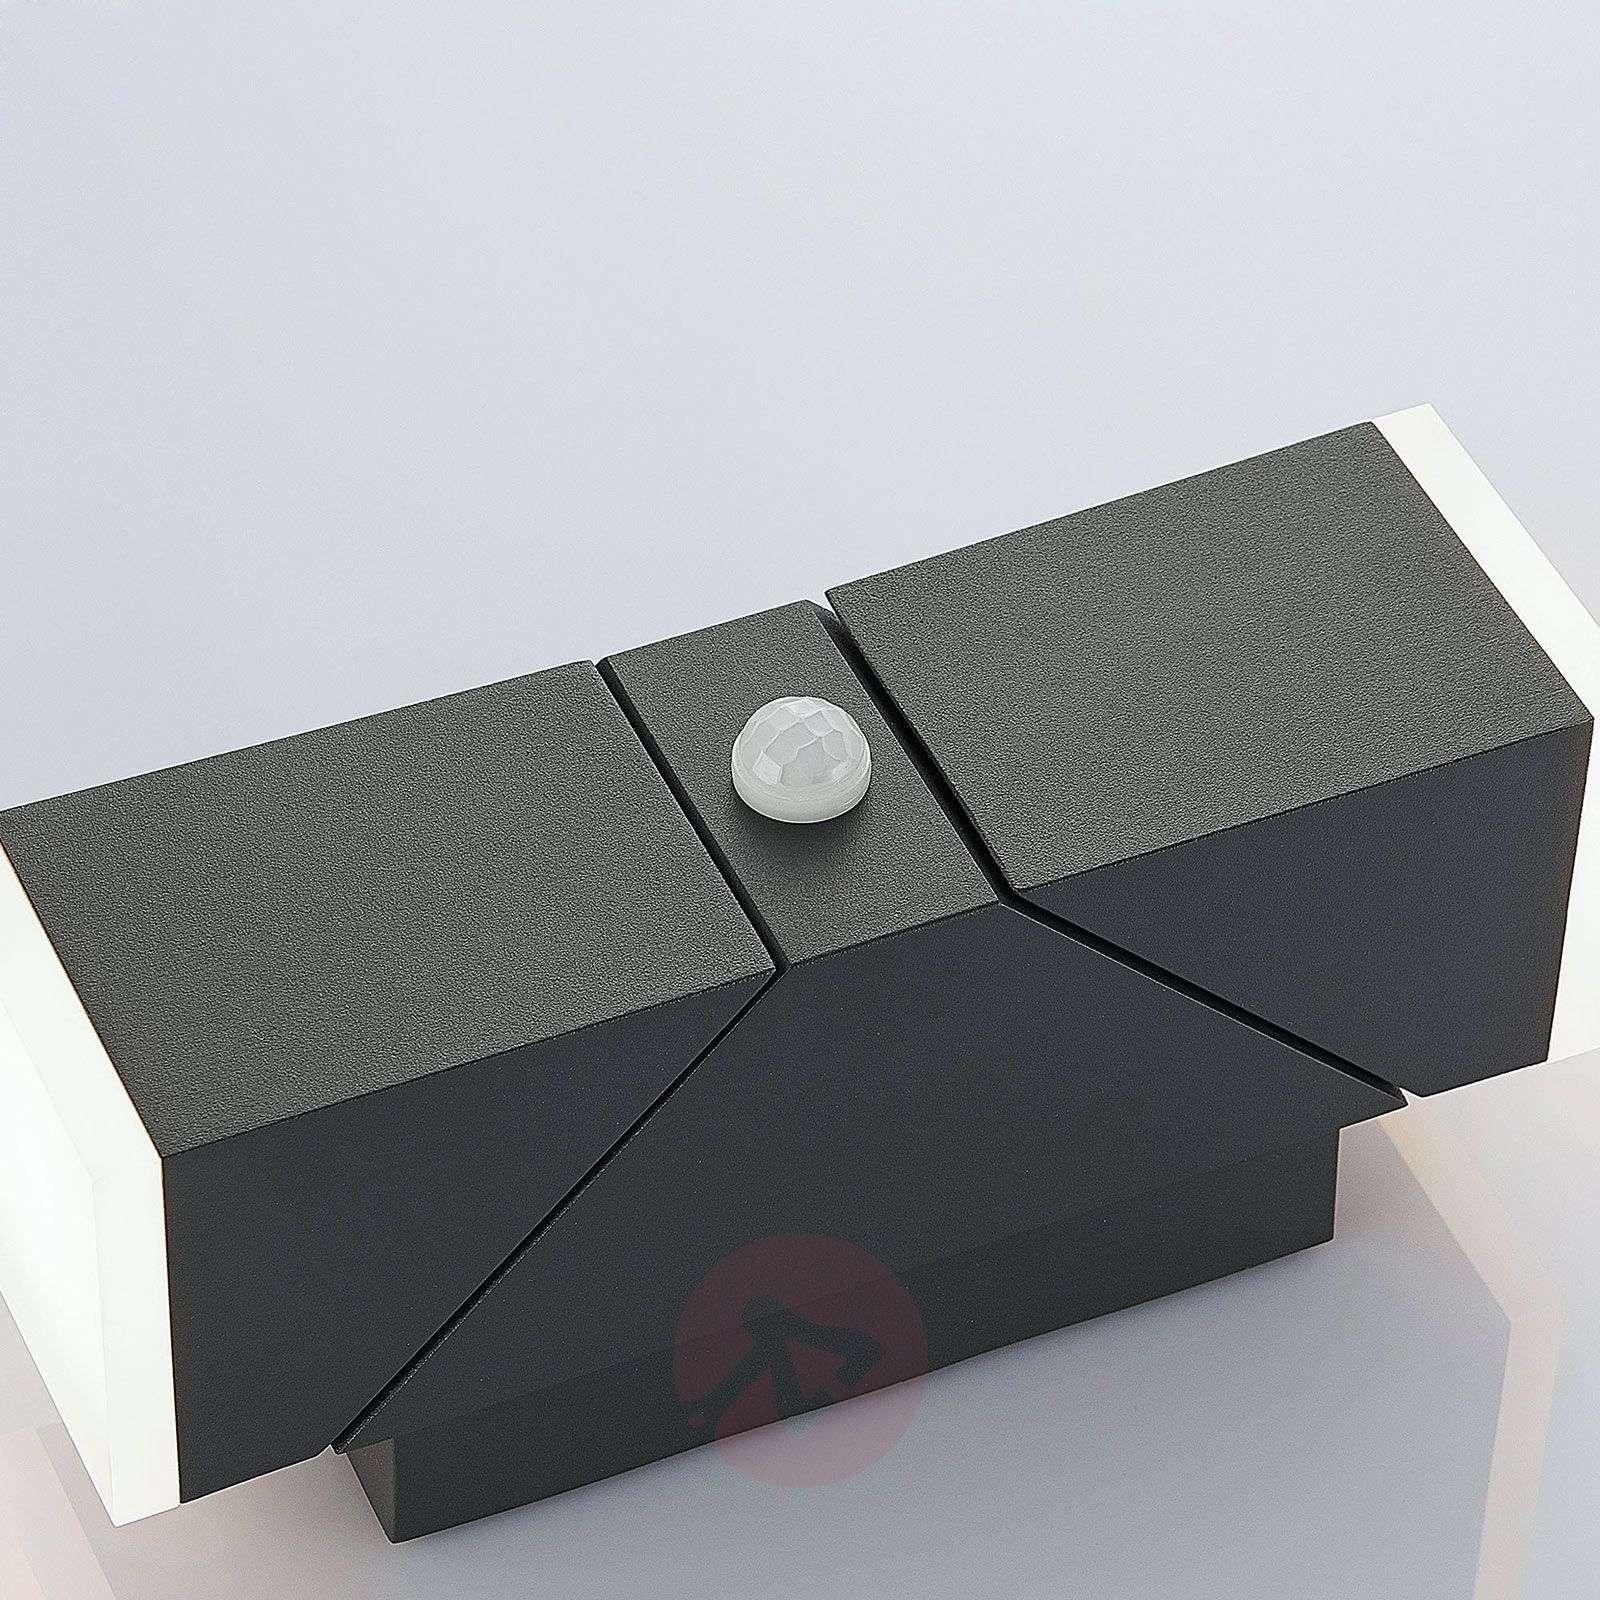 LED-ulkoseinävalaisin Sally, 2-lamppuinen, sensori-9932008-03